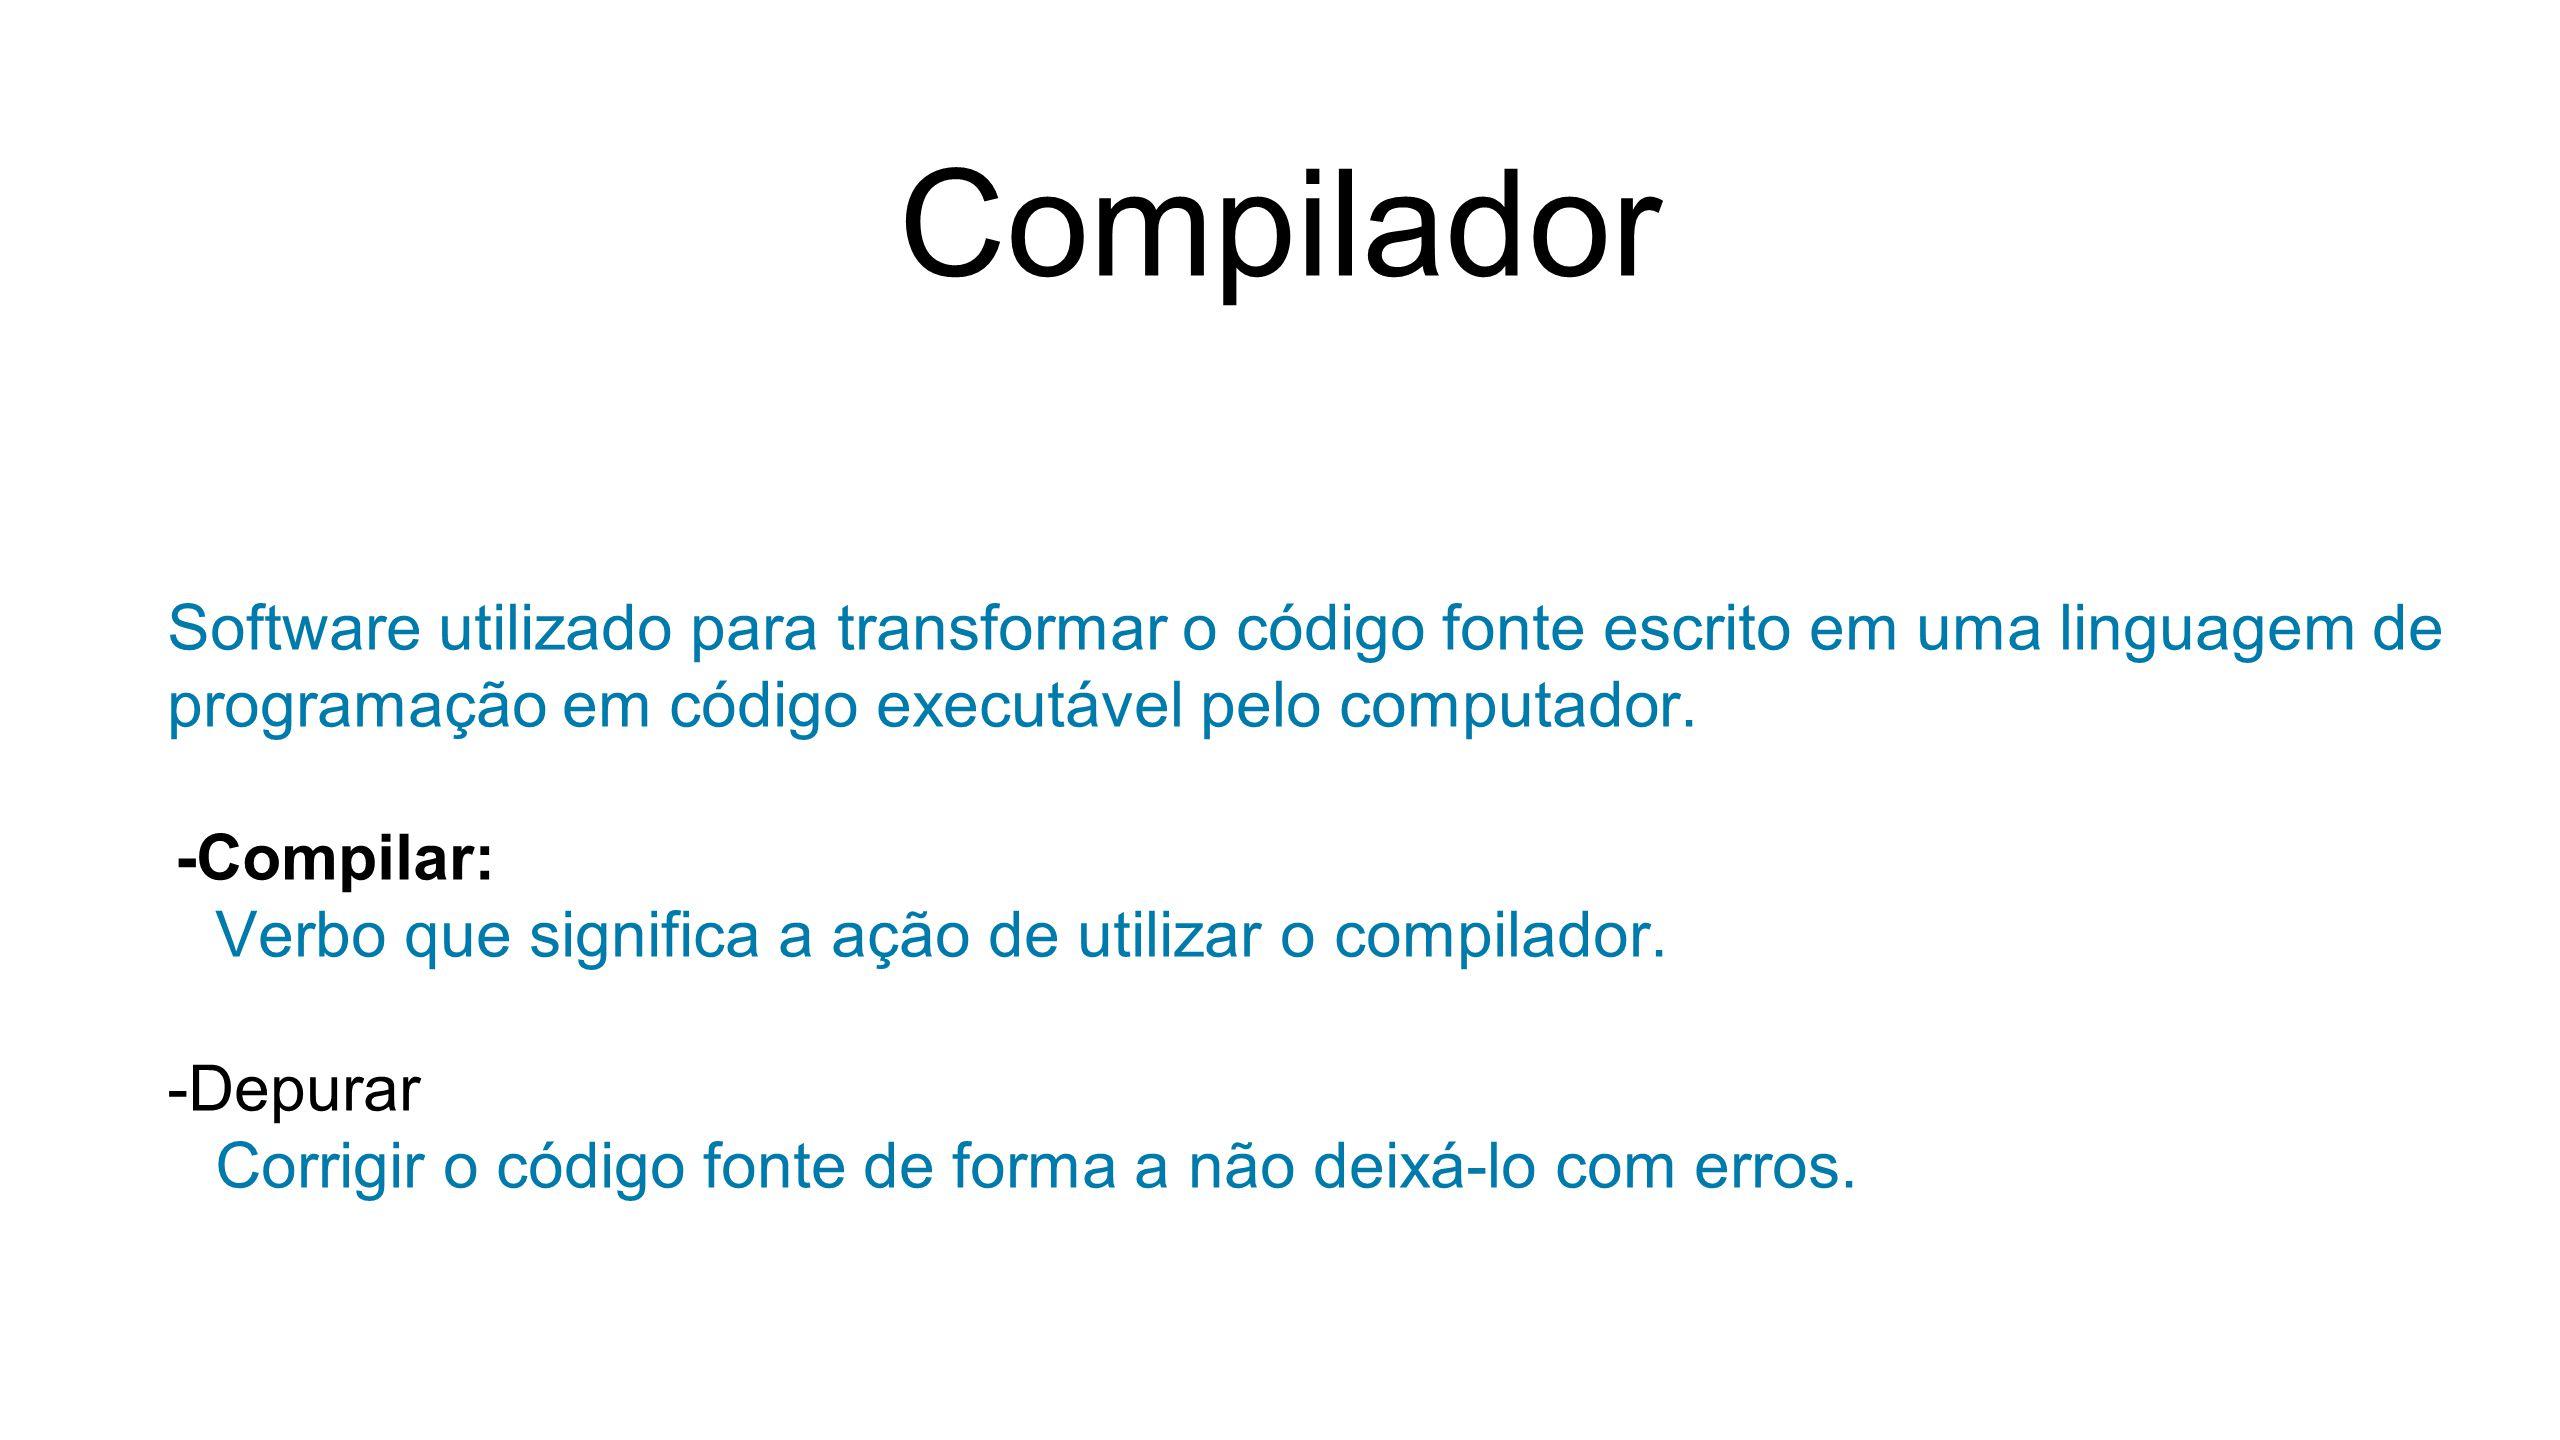 Compilador Software utilizado para transformar o código fonte escrito em uma linguagem de programação em código executável pelo computador. -Compilar: